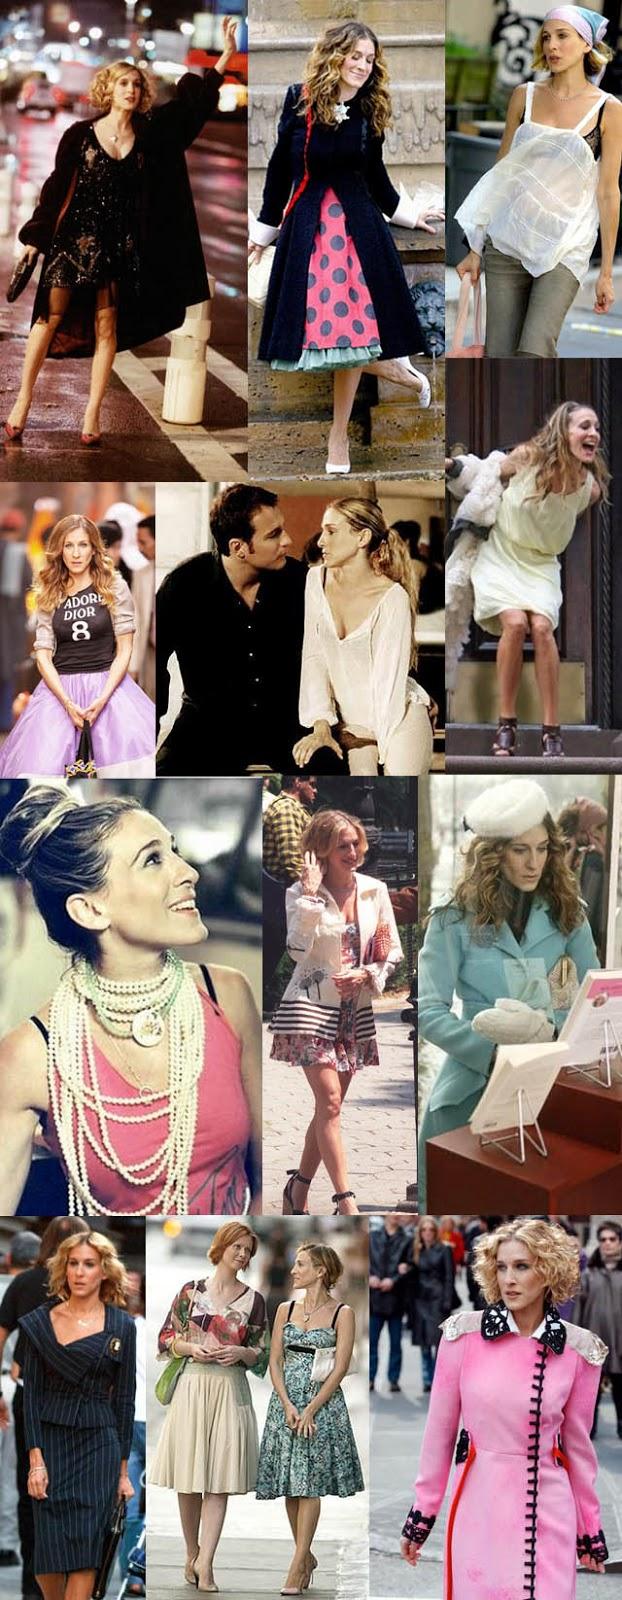 UM ESTILO NOVAIORQUINO_o estilo de Carrie Bradshaw_streestyle_sex and the city_musa do mês_nova york_NY style_moda